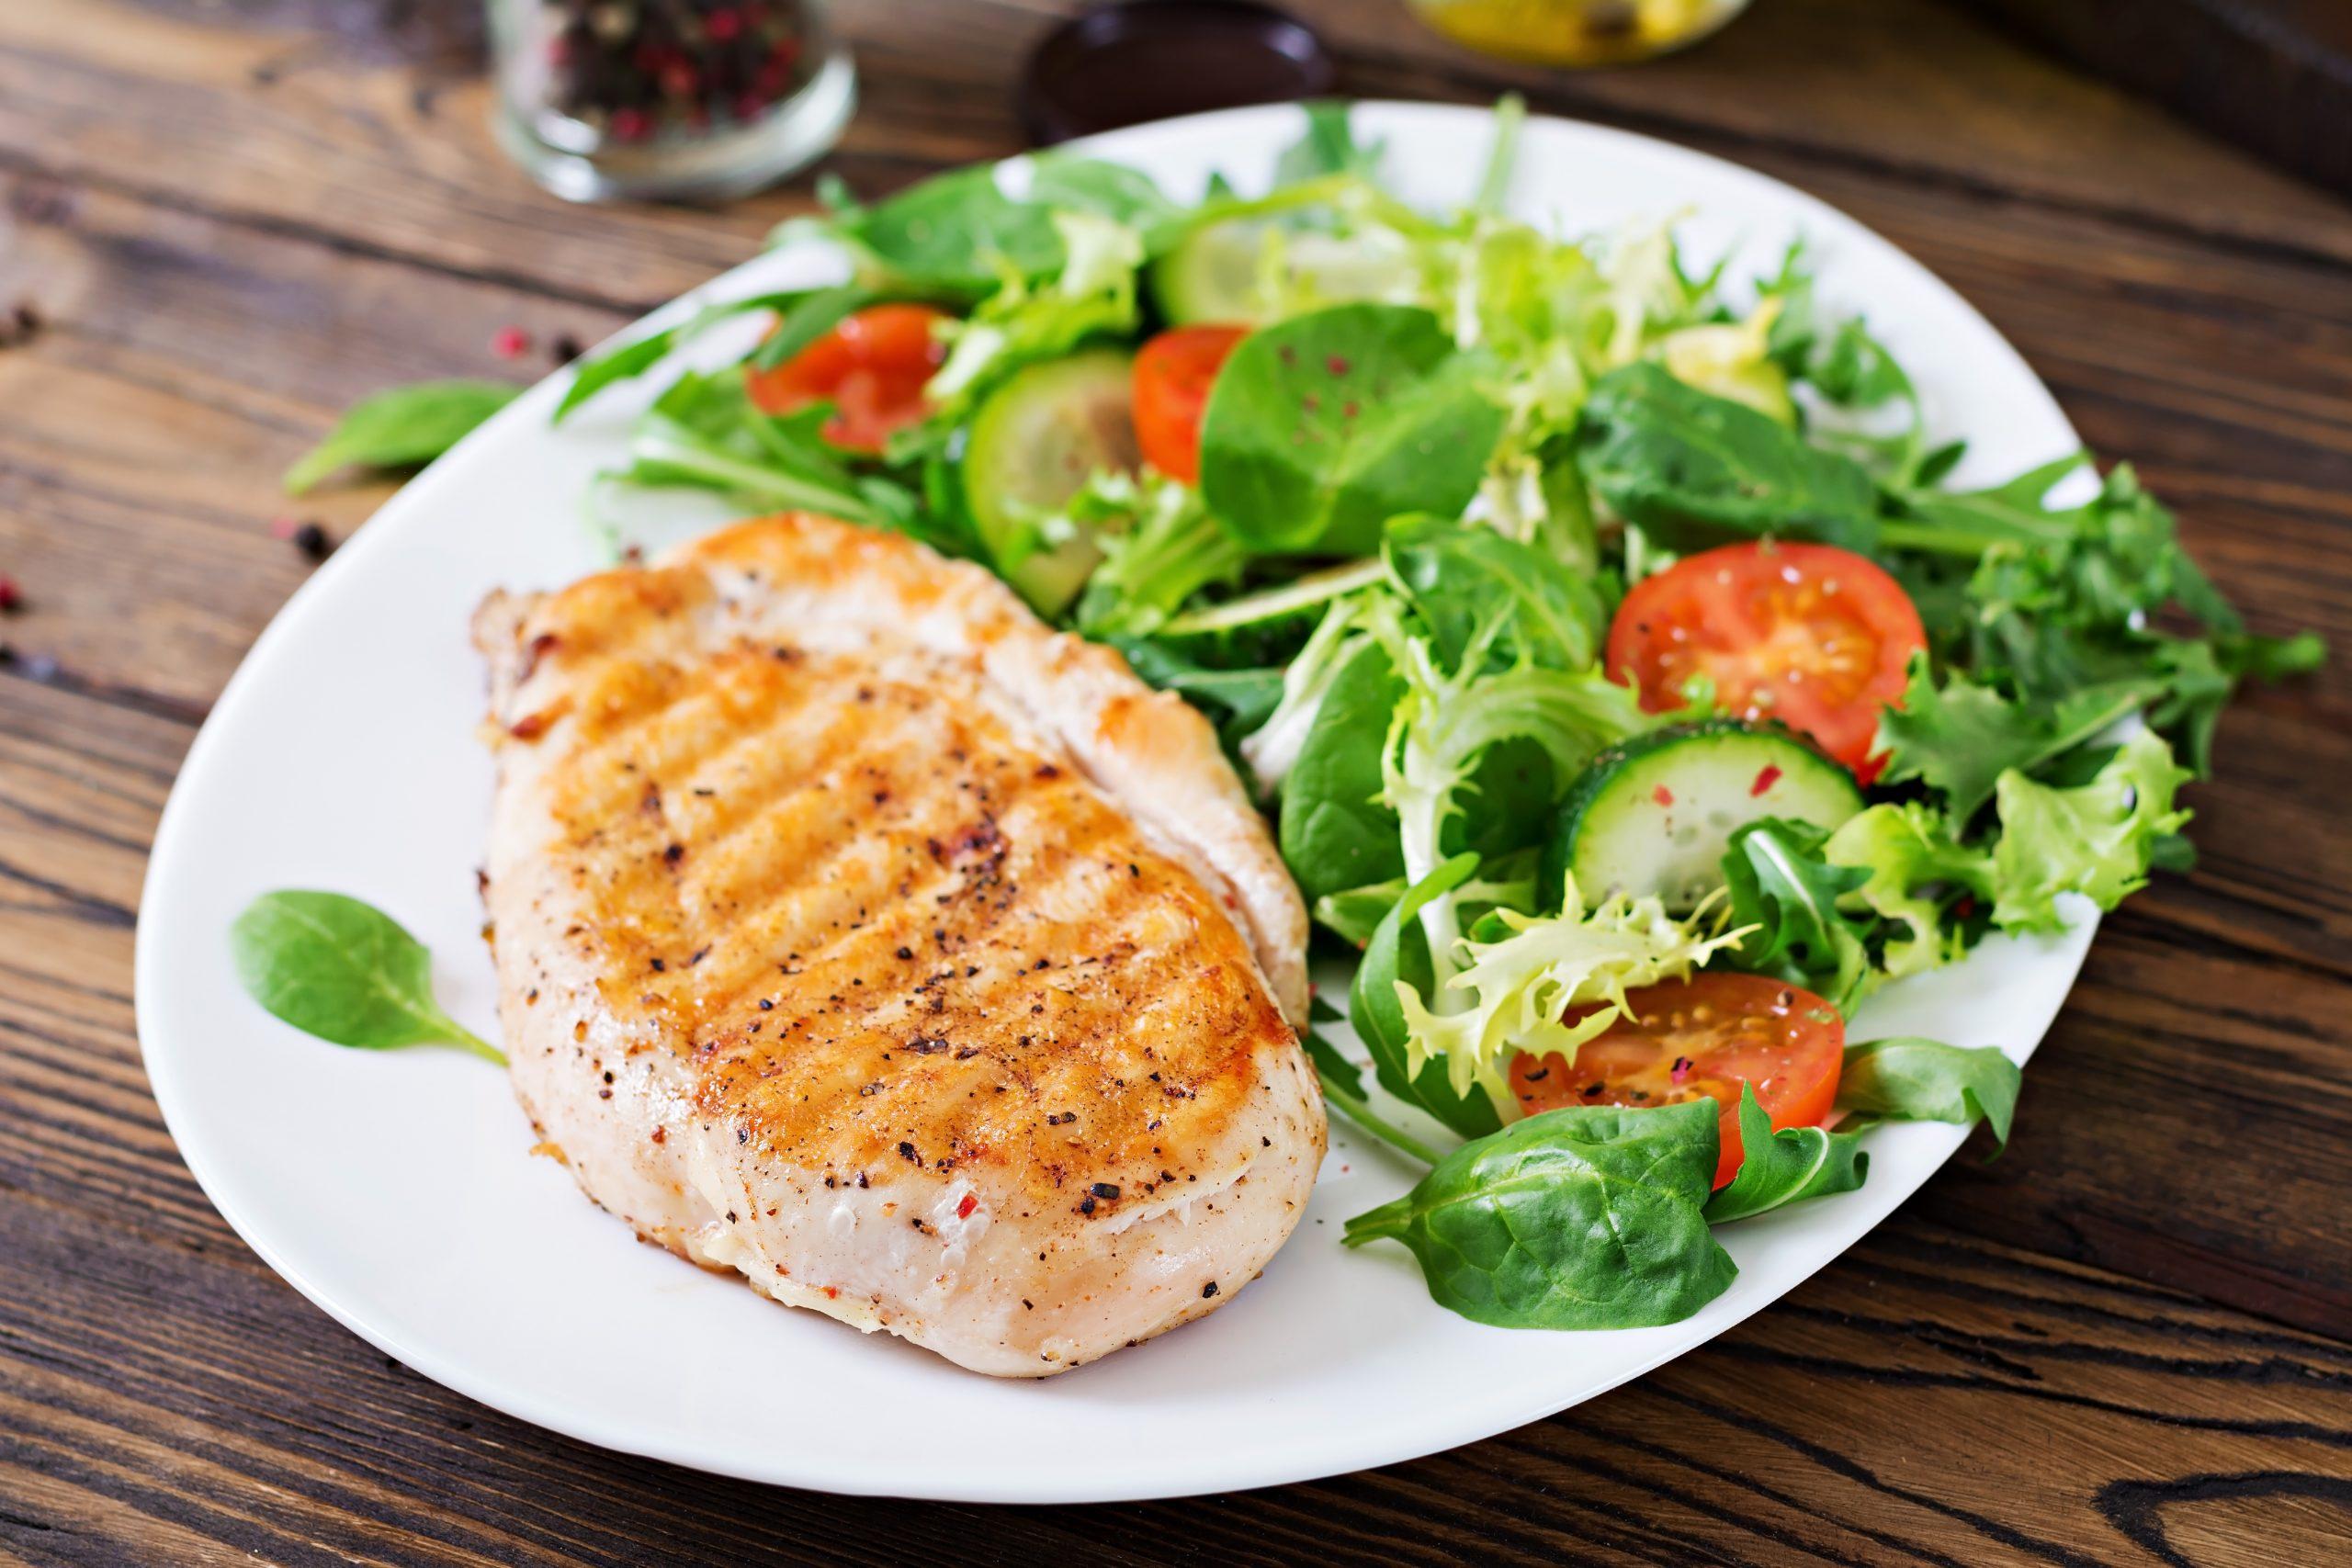 Pollo a la plancha con ensalada.